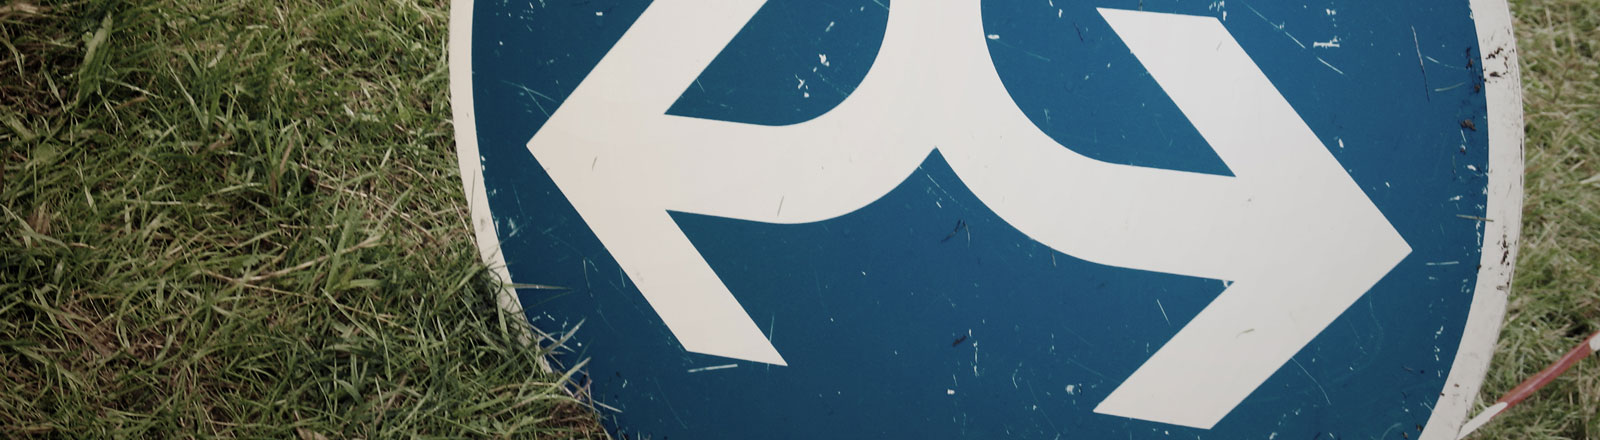 Ein Straßenschild mit Pfeilen, die in zwei Richtungen zeigen.